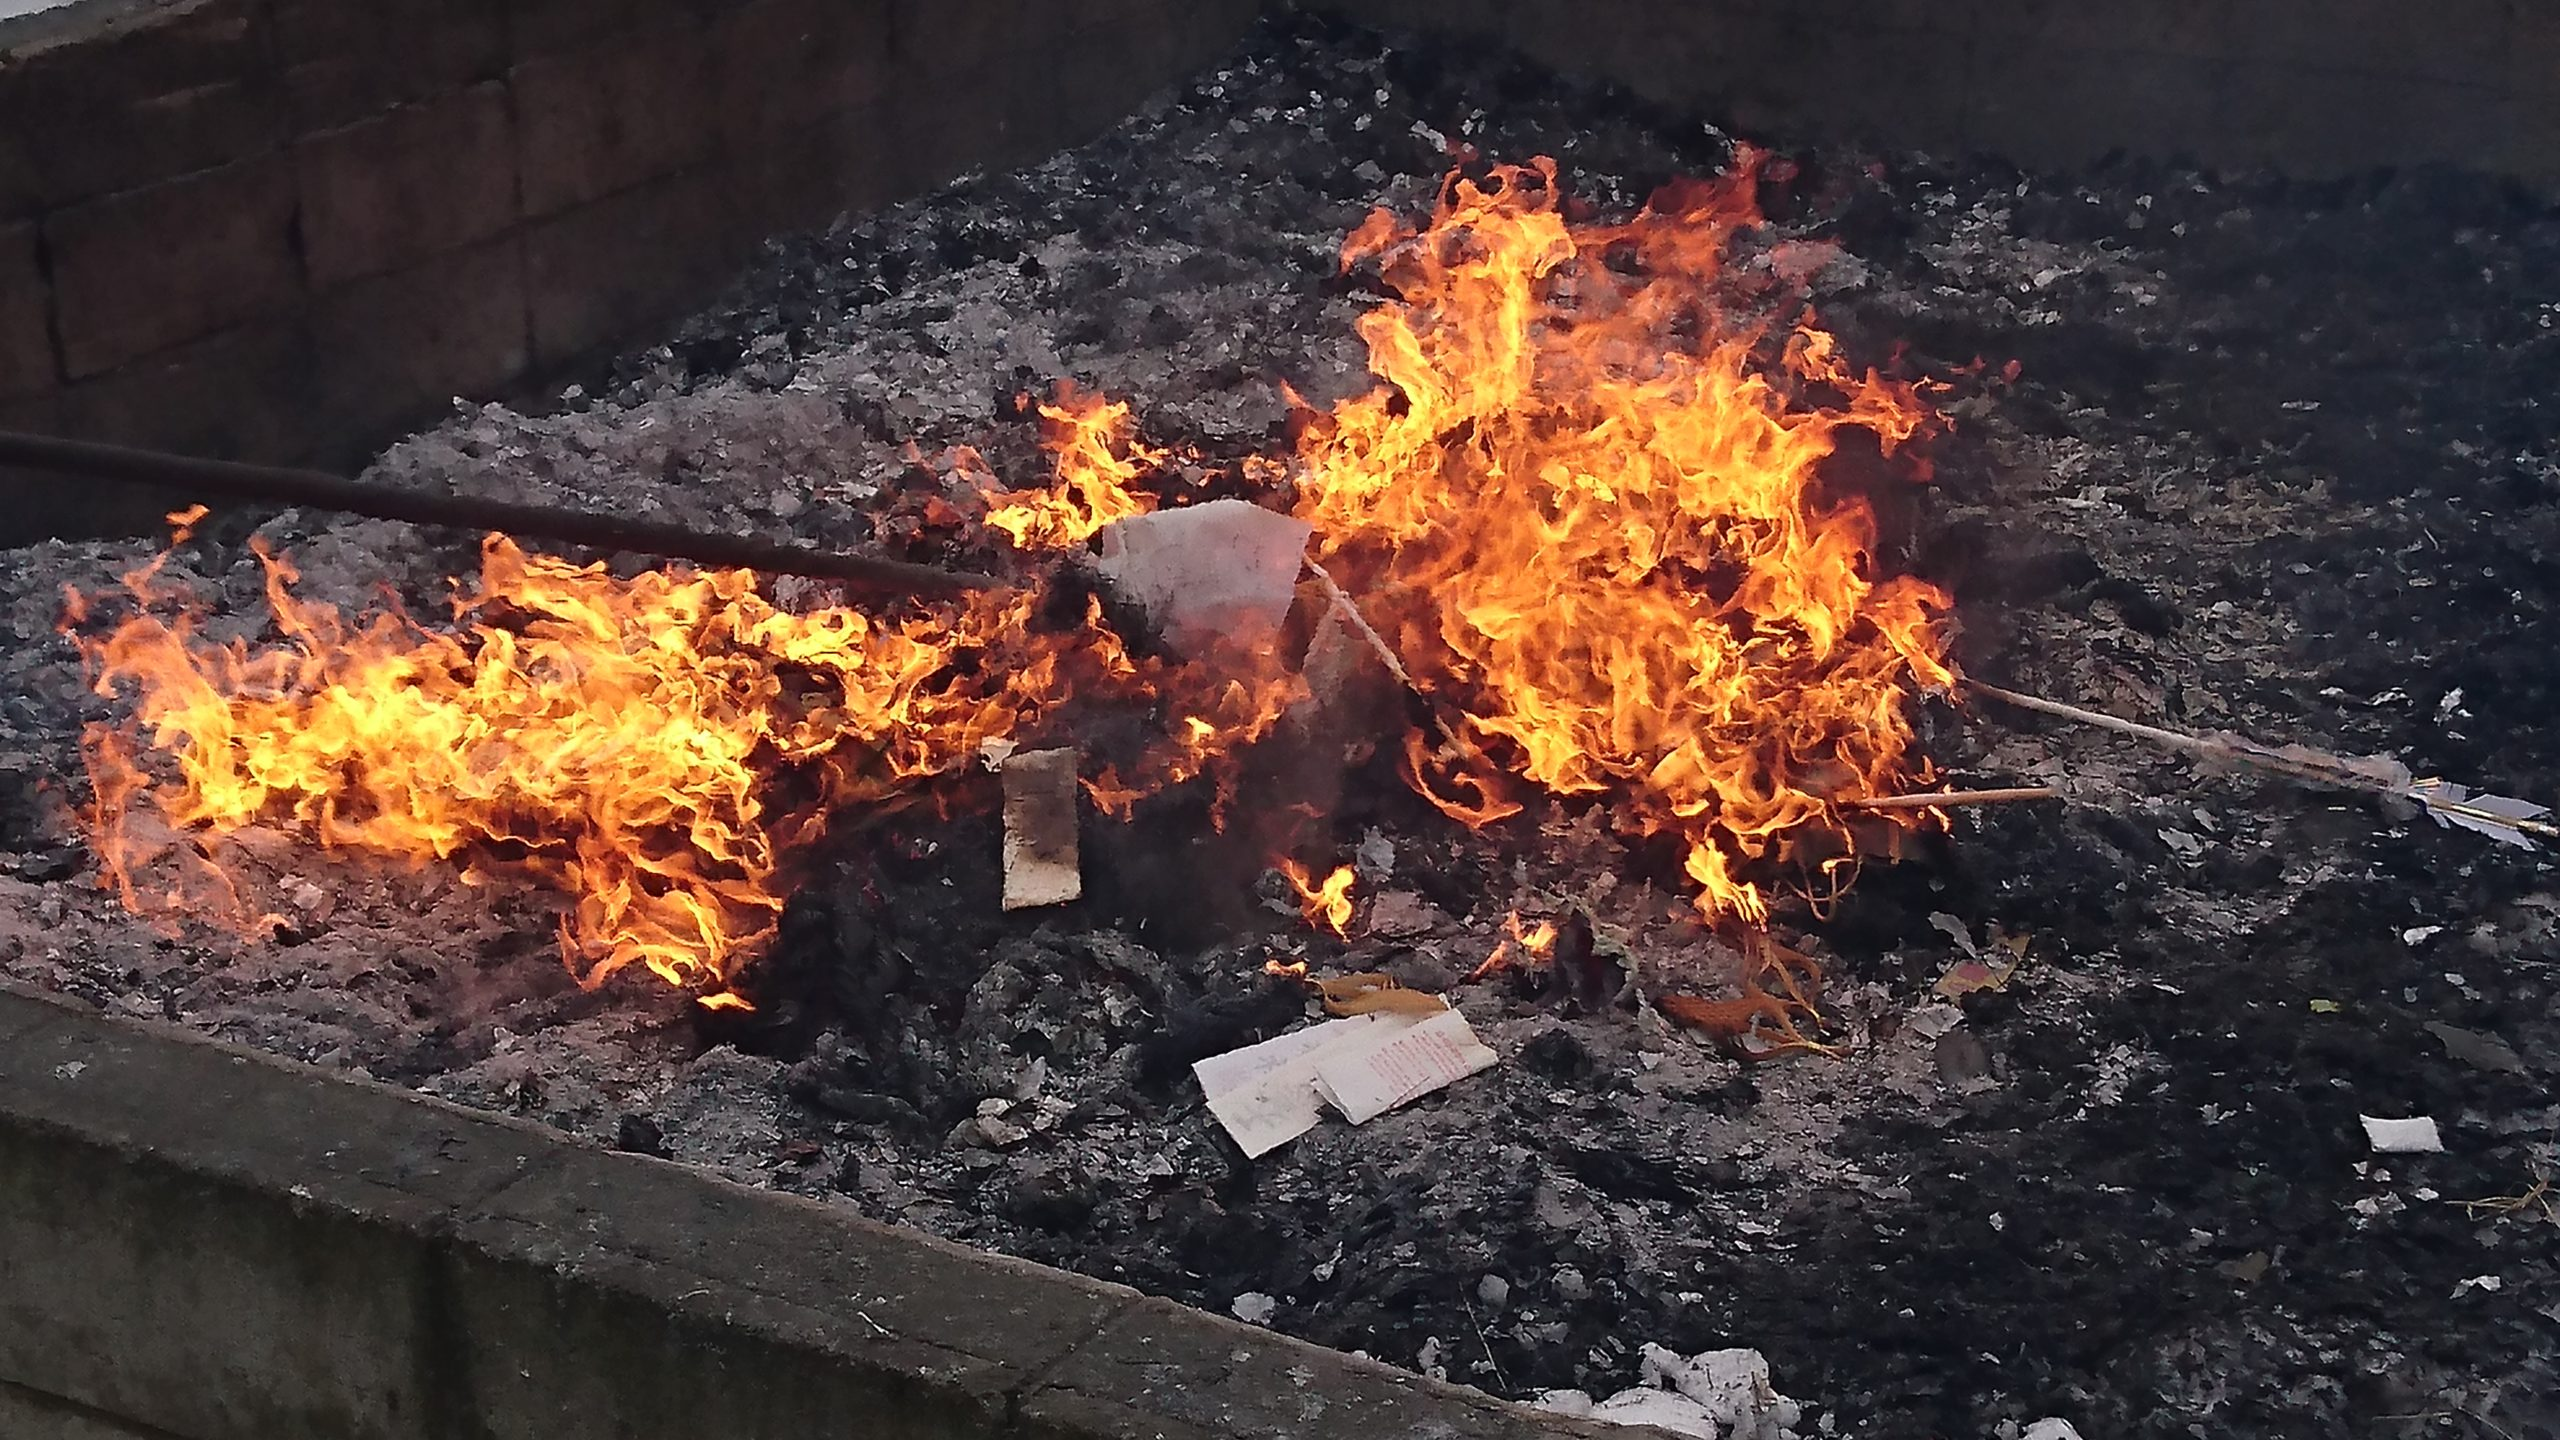 北海道豊頃町にある神社のどんど焼き